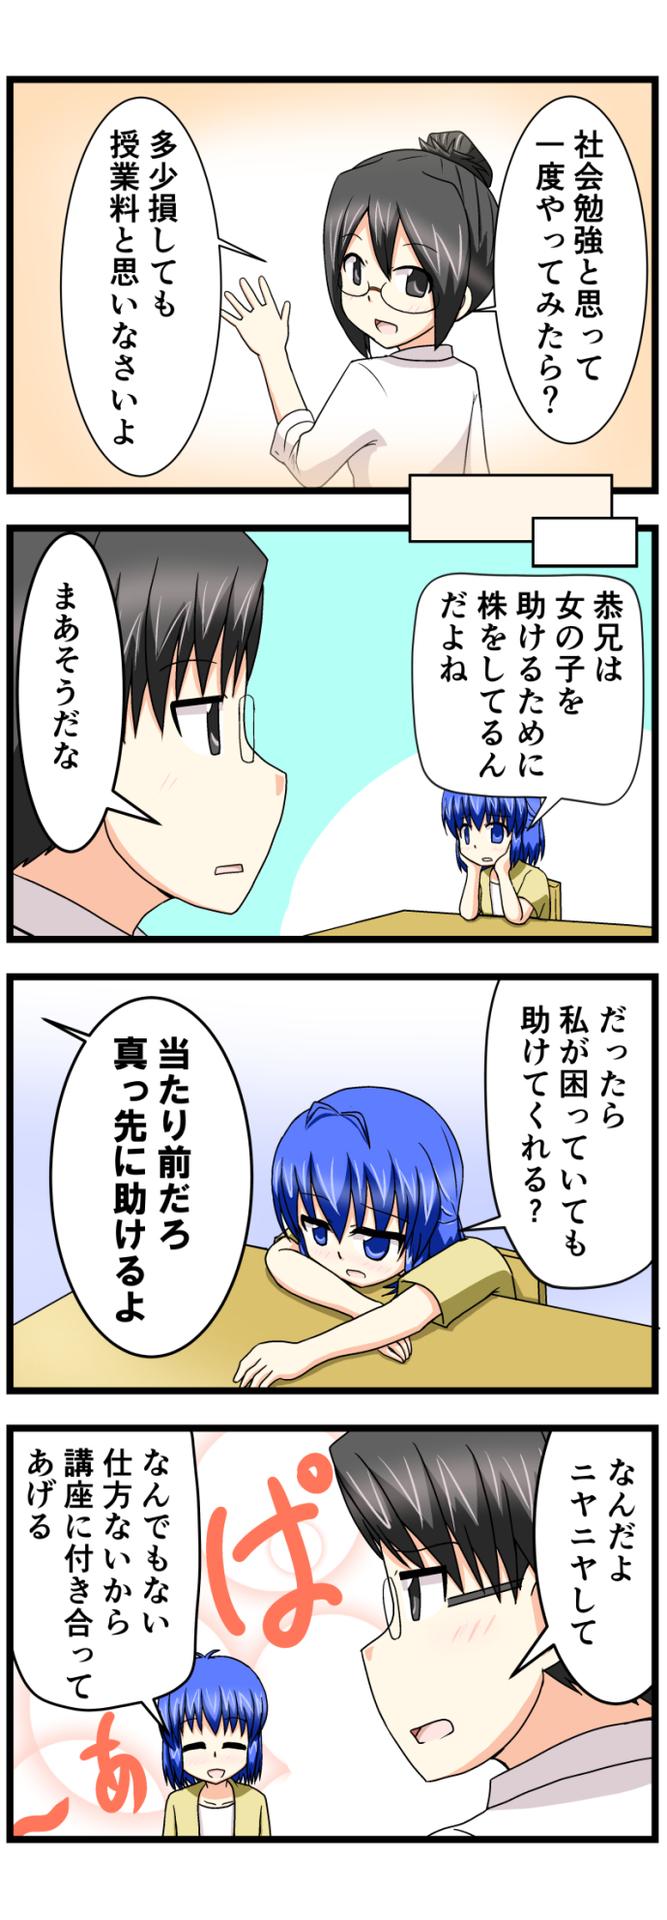 萌える株セミナー14c.jpg